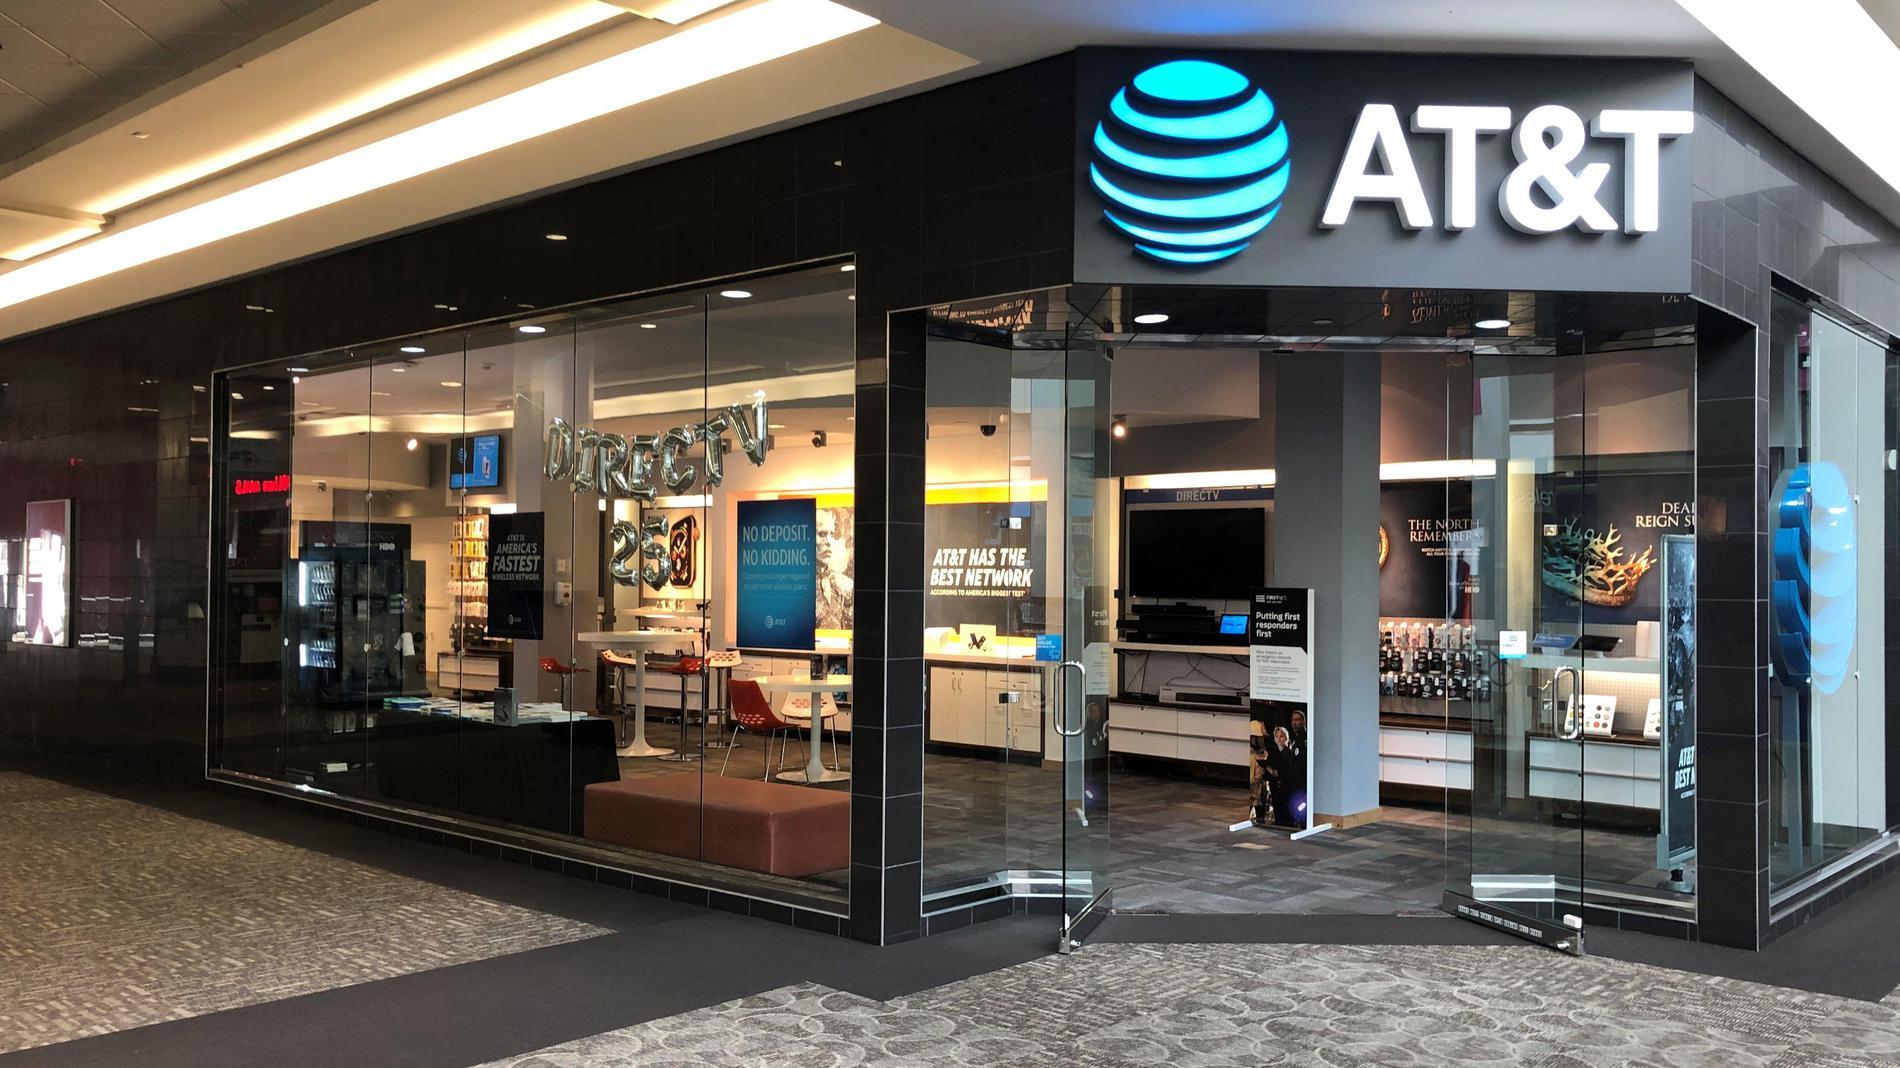 AT&T bị khách hàng khởi kiện sau khi vi phạm bảo mật dẫn đến 159,8 ETH bị đánh cắp